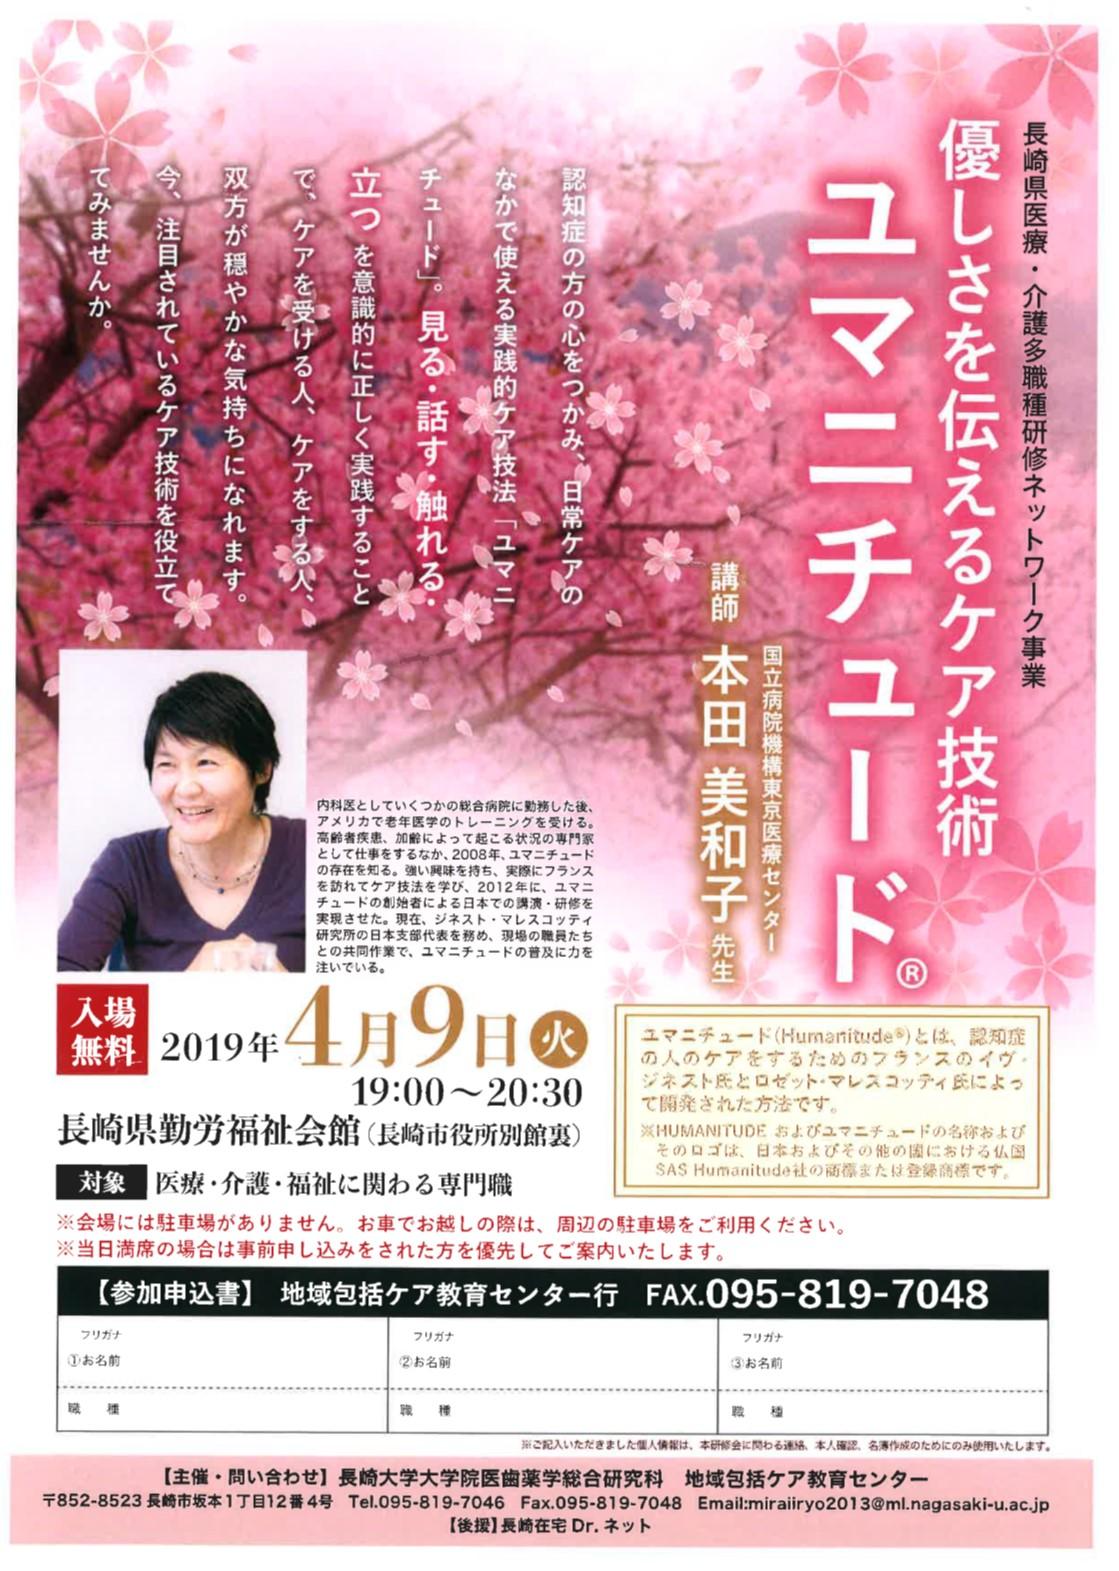 長崎大学地域包括ケア教育センター主催講習会 @ 長崎県勤労福祉会館